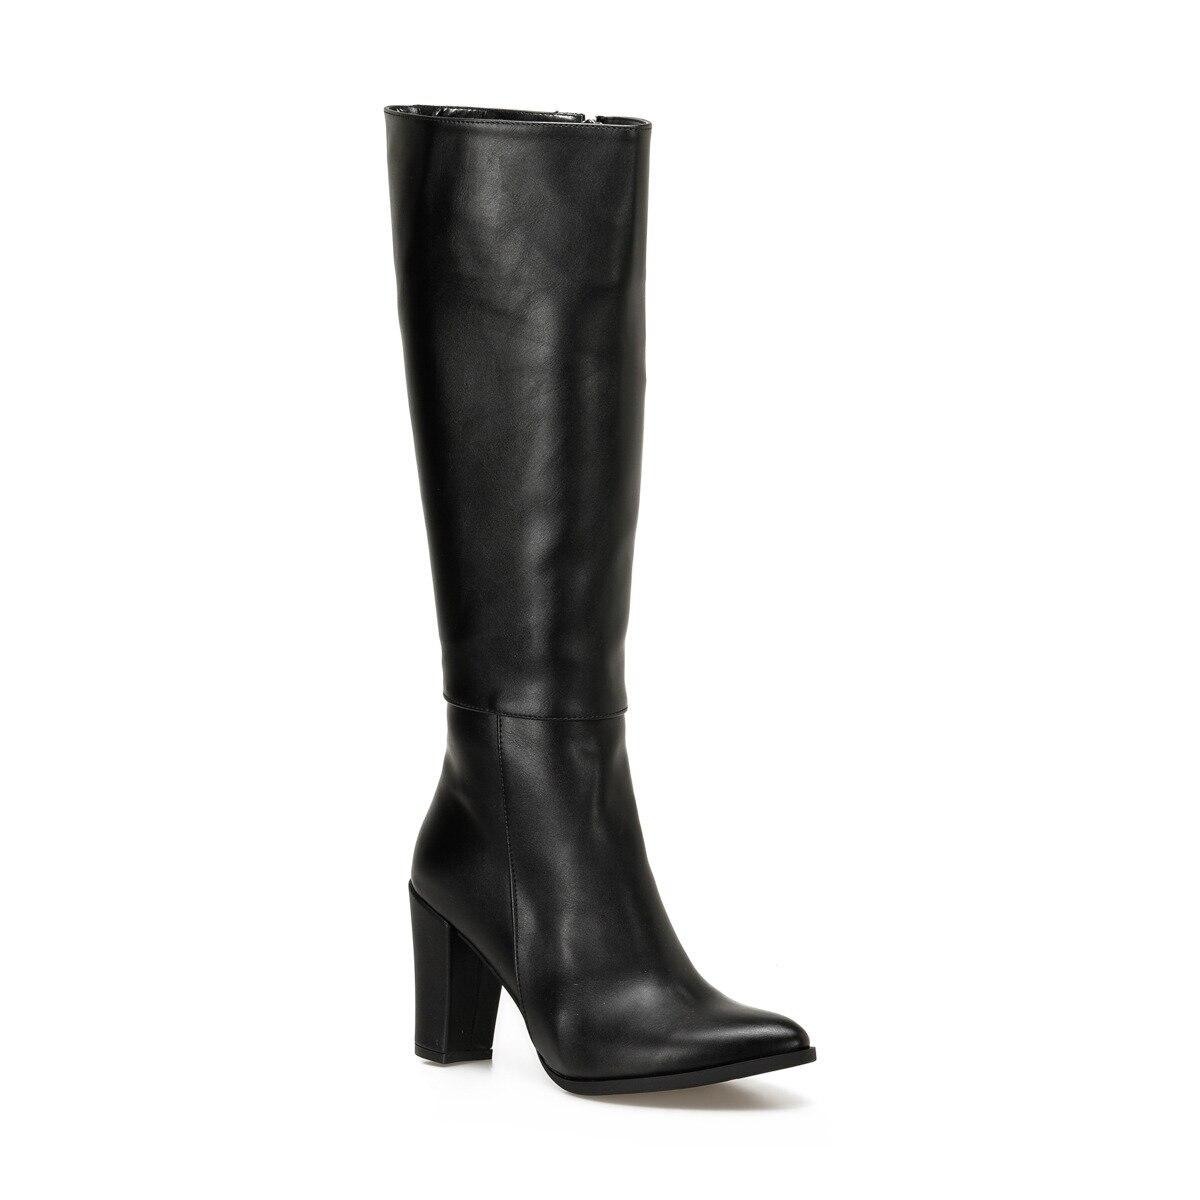 FLO 19SF-2092 أحذية نسائية سوداء بوتيجو